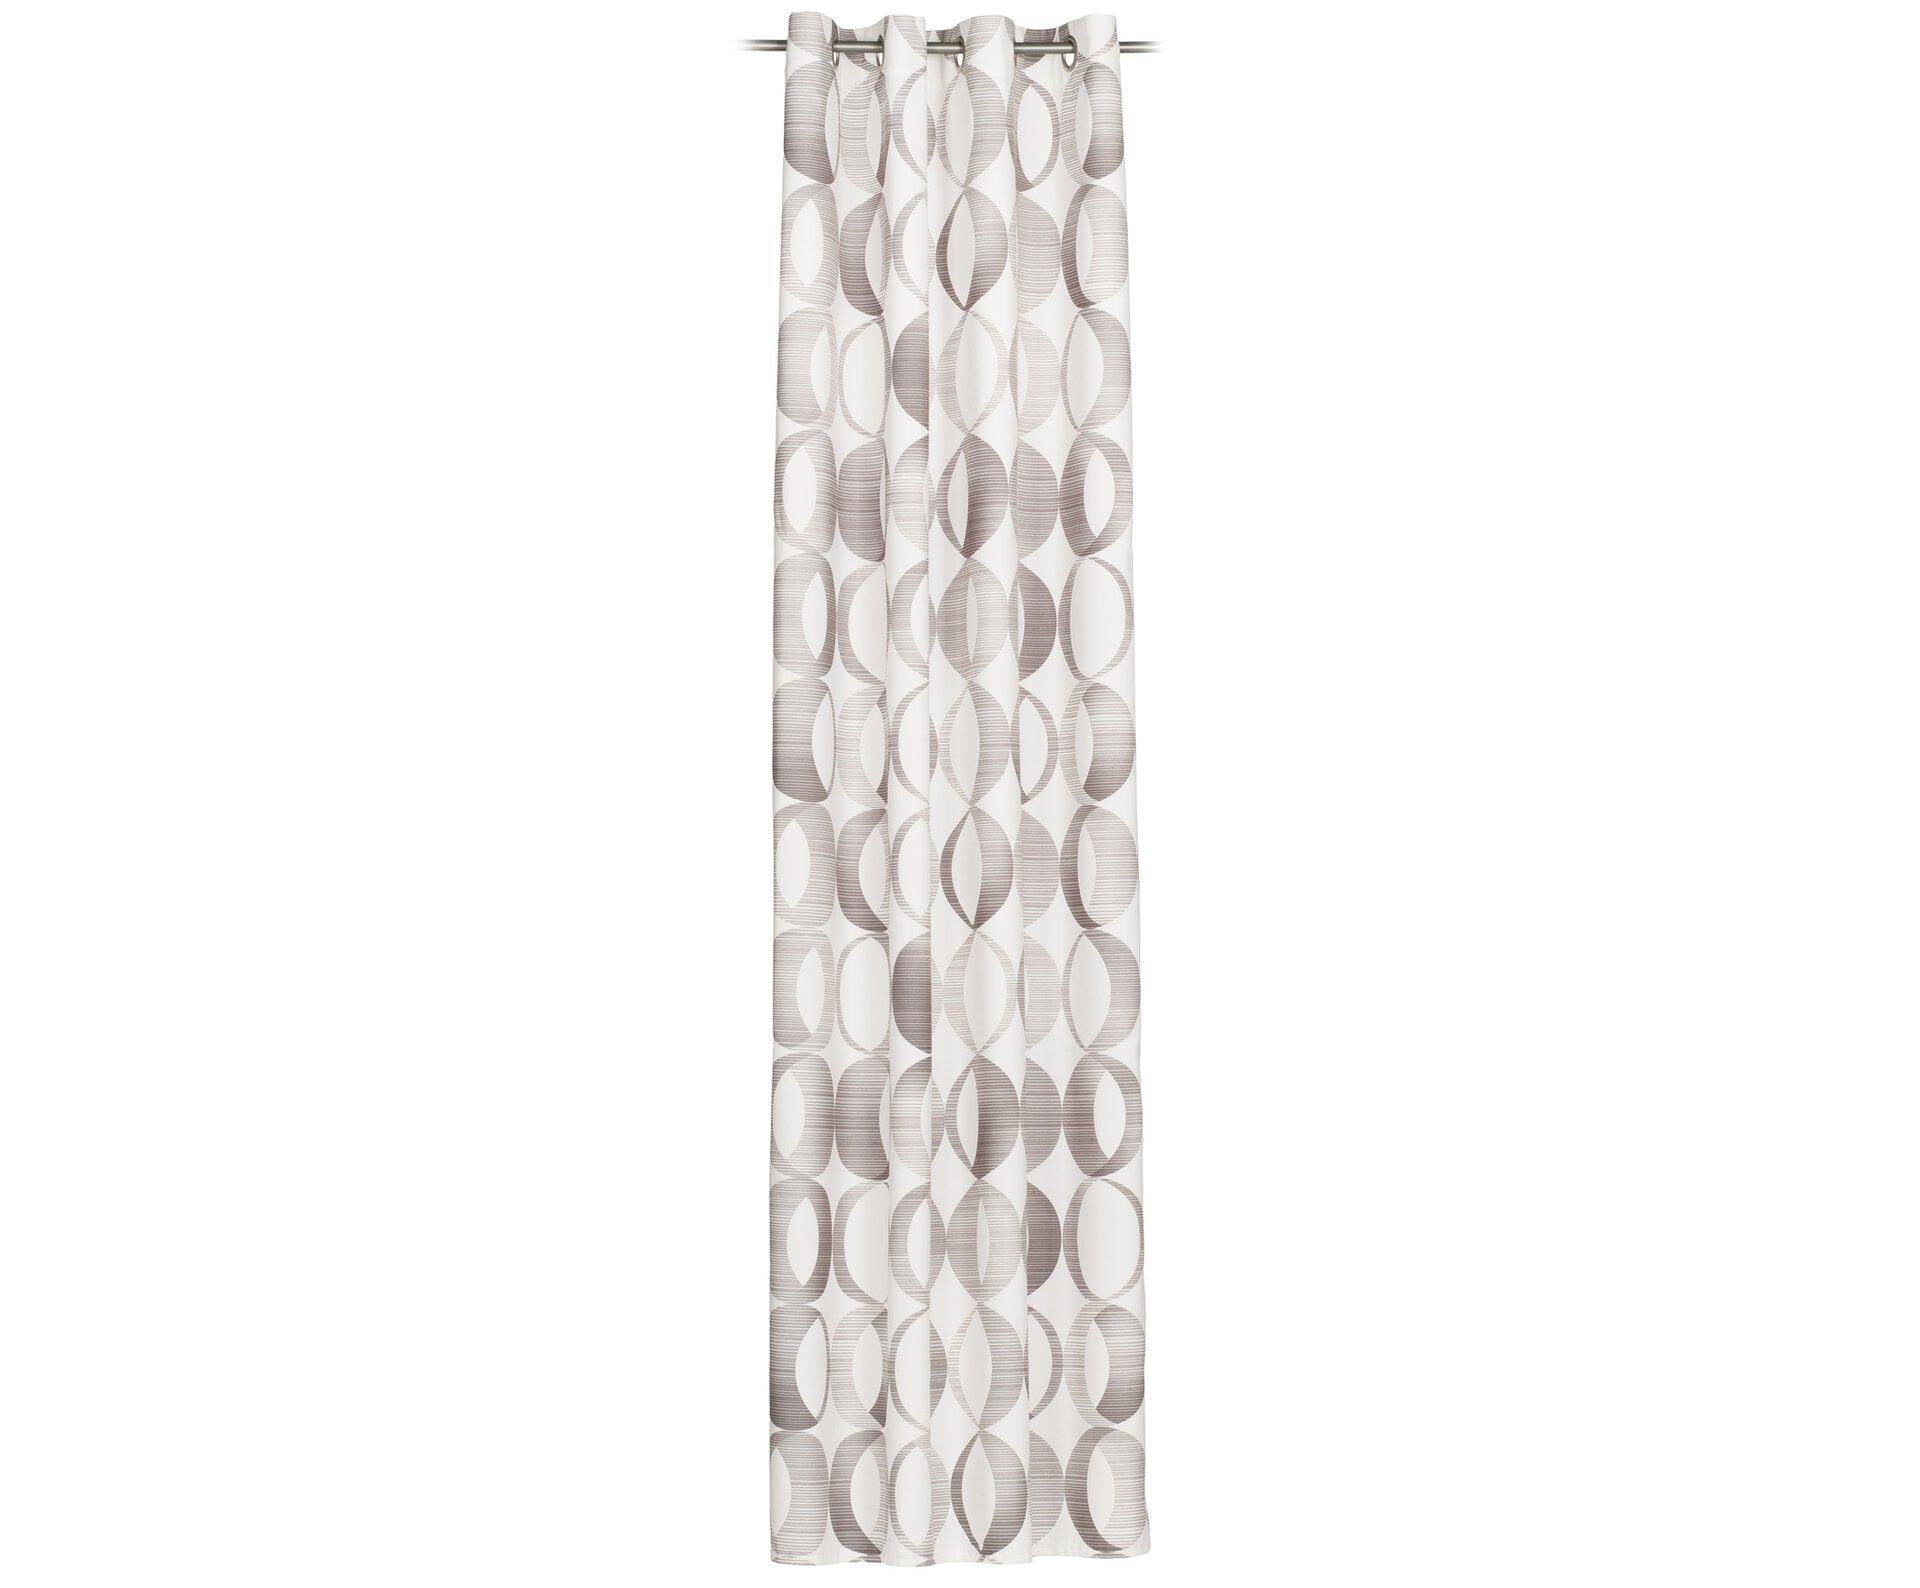 Ösenschal Bellino Ambiente Trendlife Textil silber 140 x 255 cm